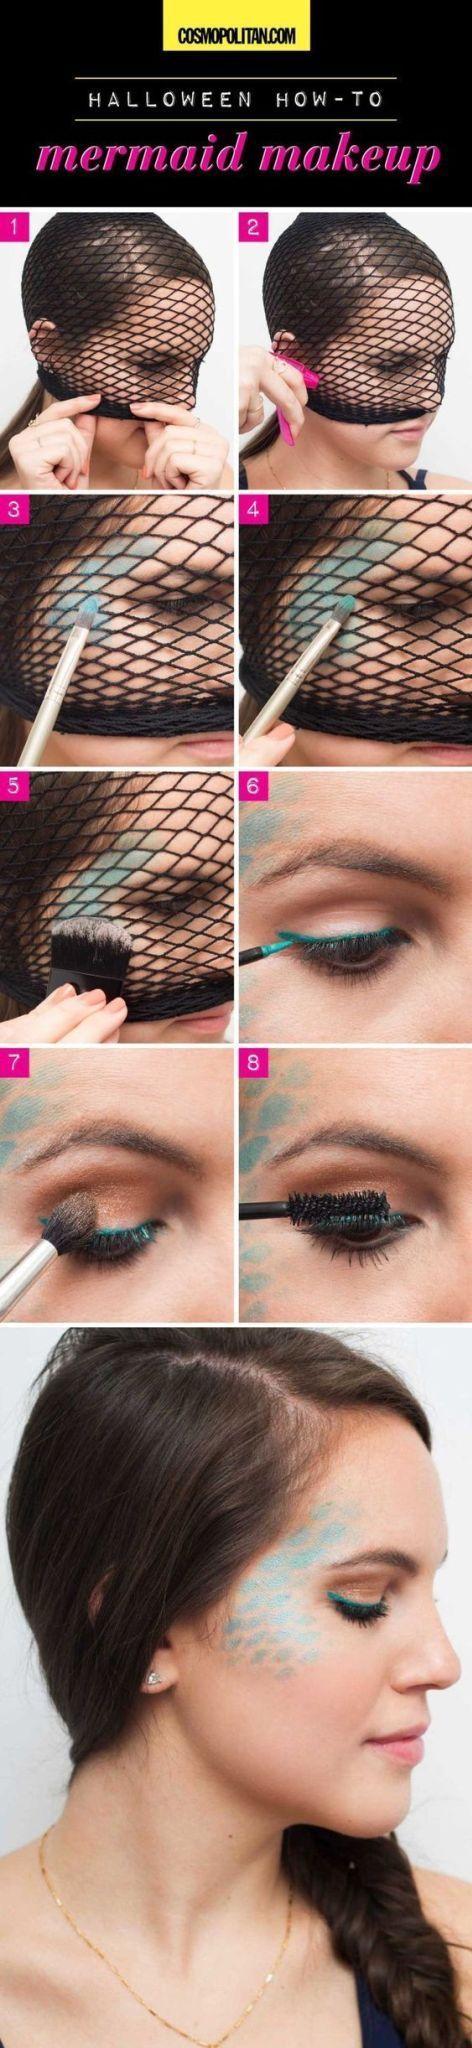 mermaid makeup looks mugeek vidalondon